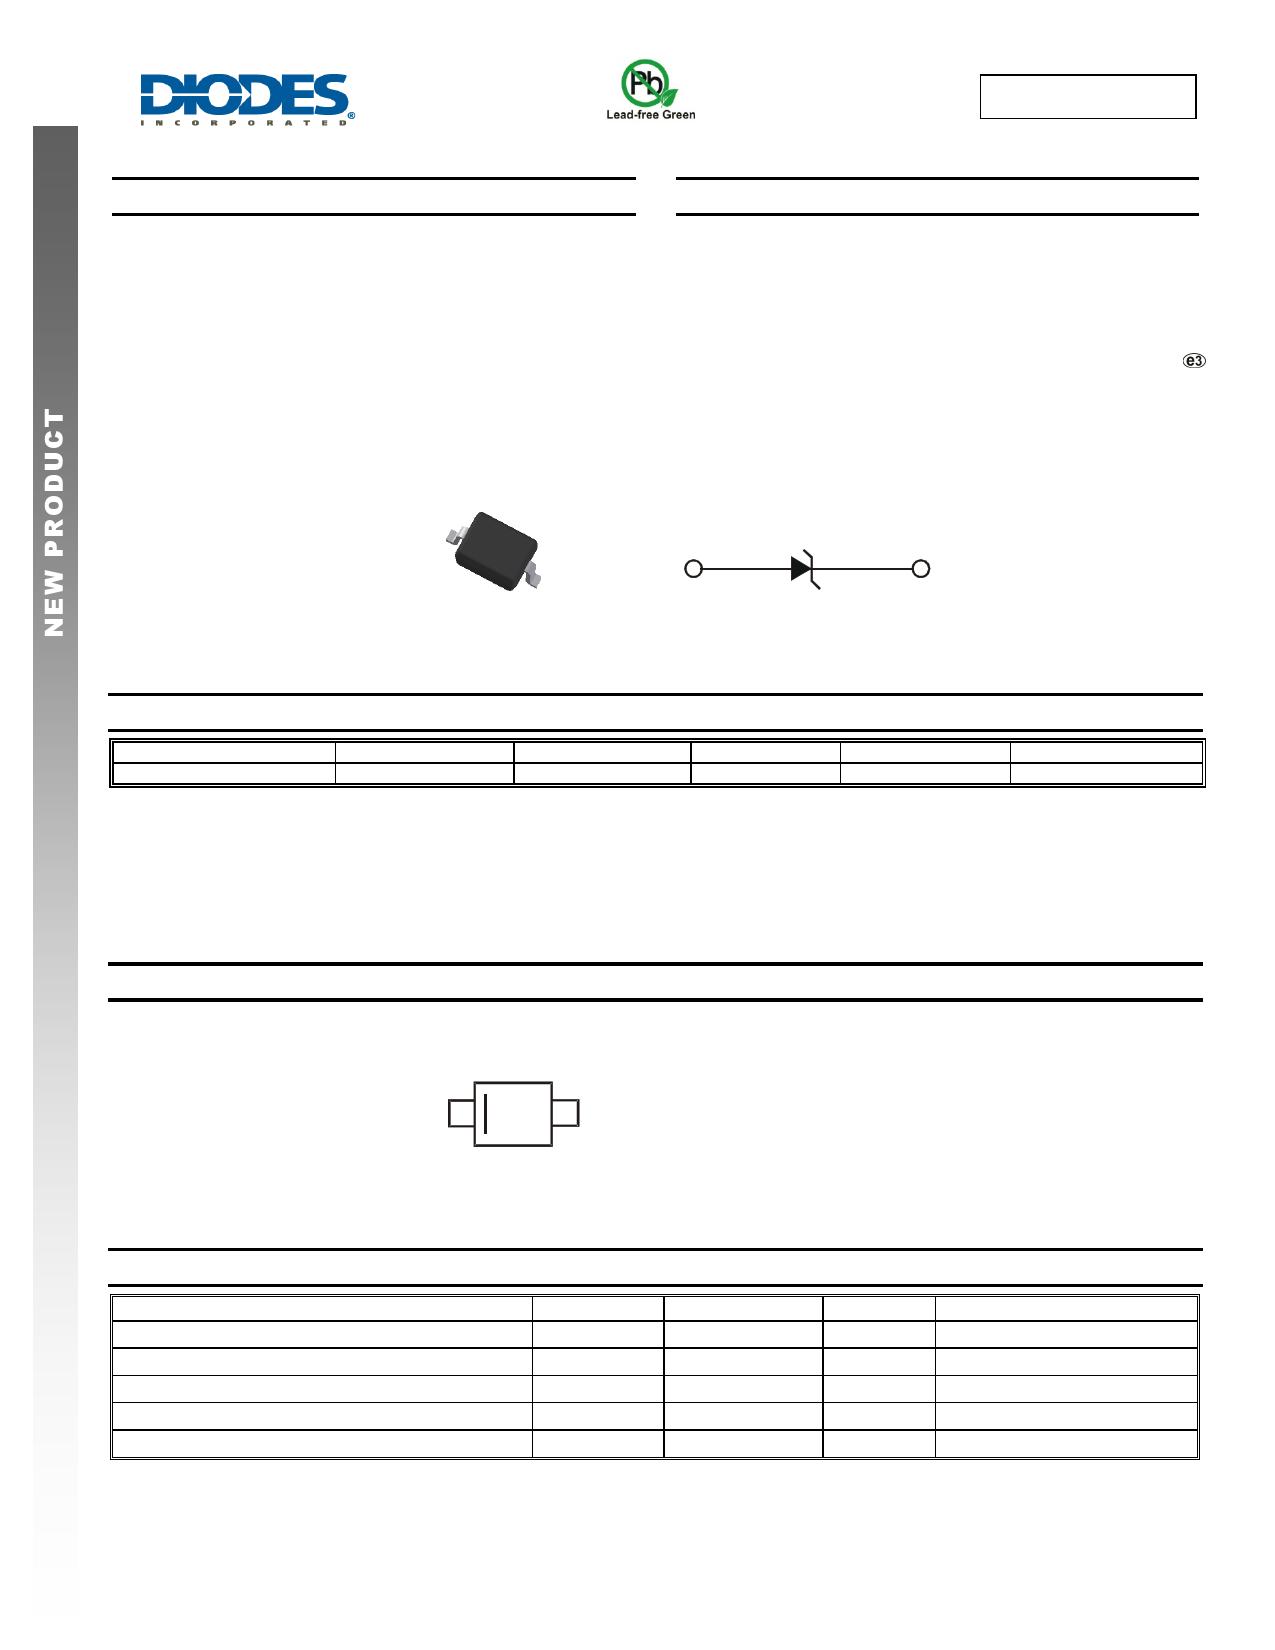 D12V0H1U2WS Datasheet, D12V0H1U2WS PDF,ピン配置, 機能